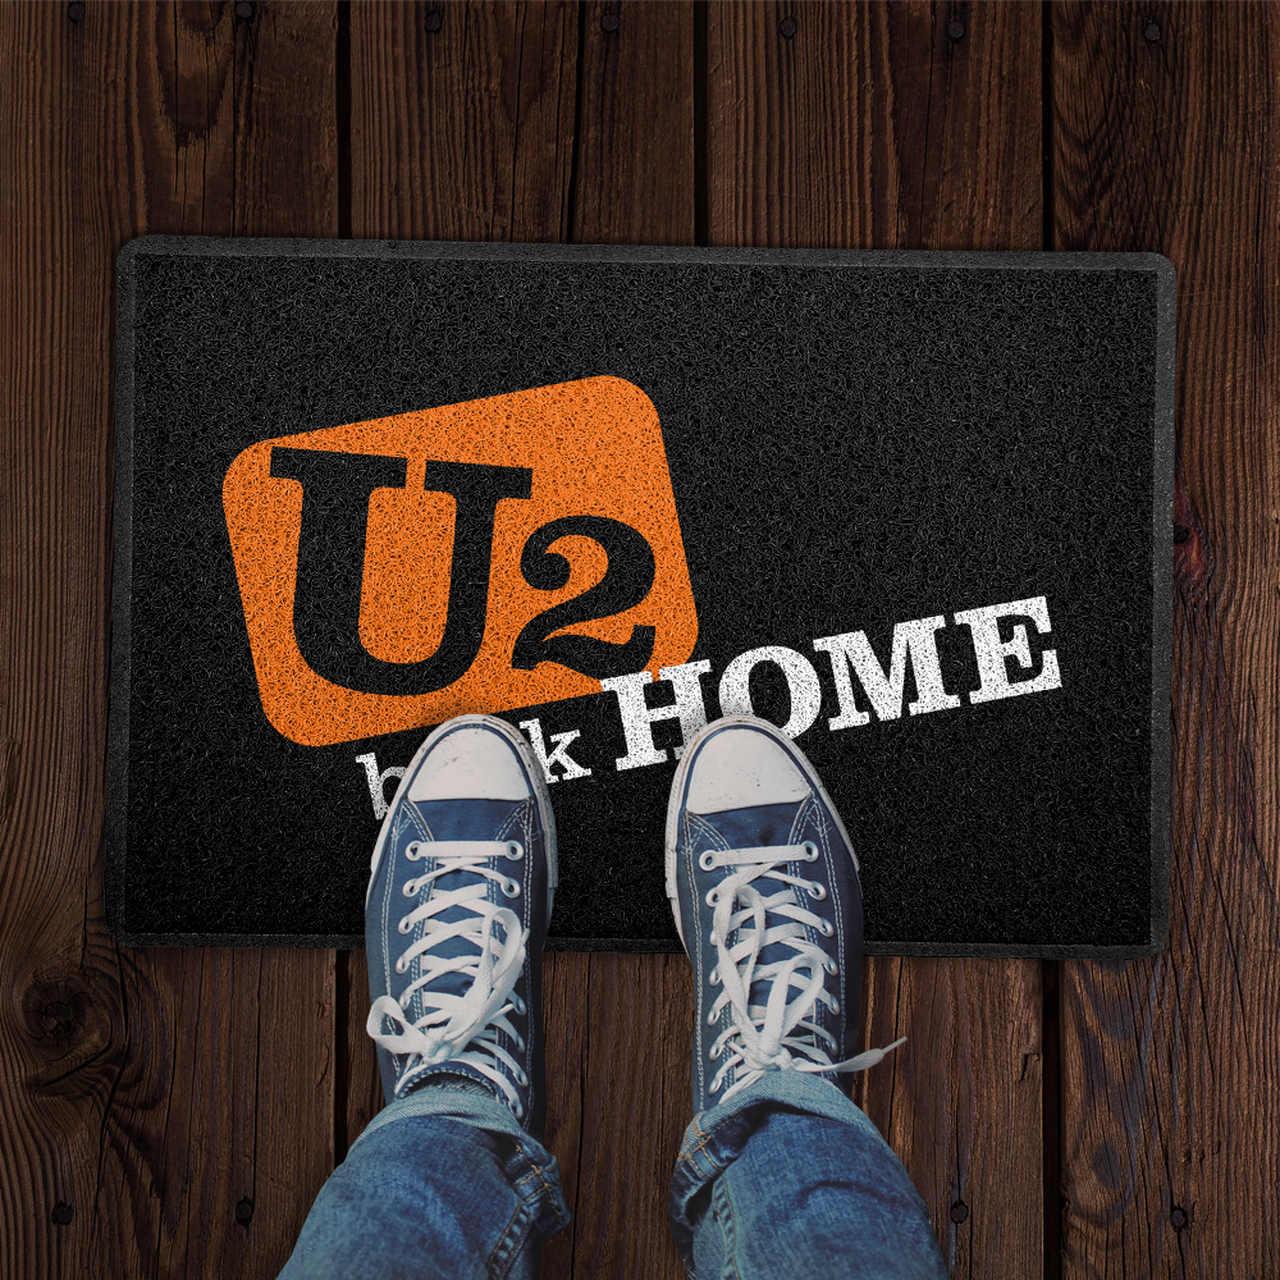 Capacho U2 Back Home